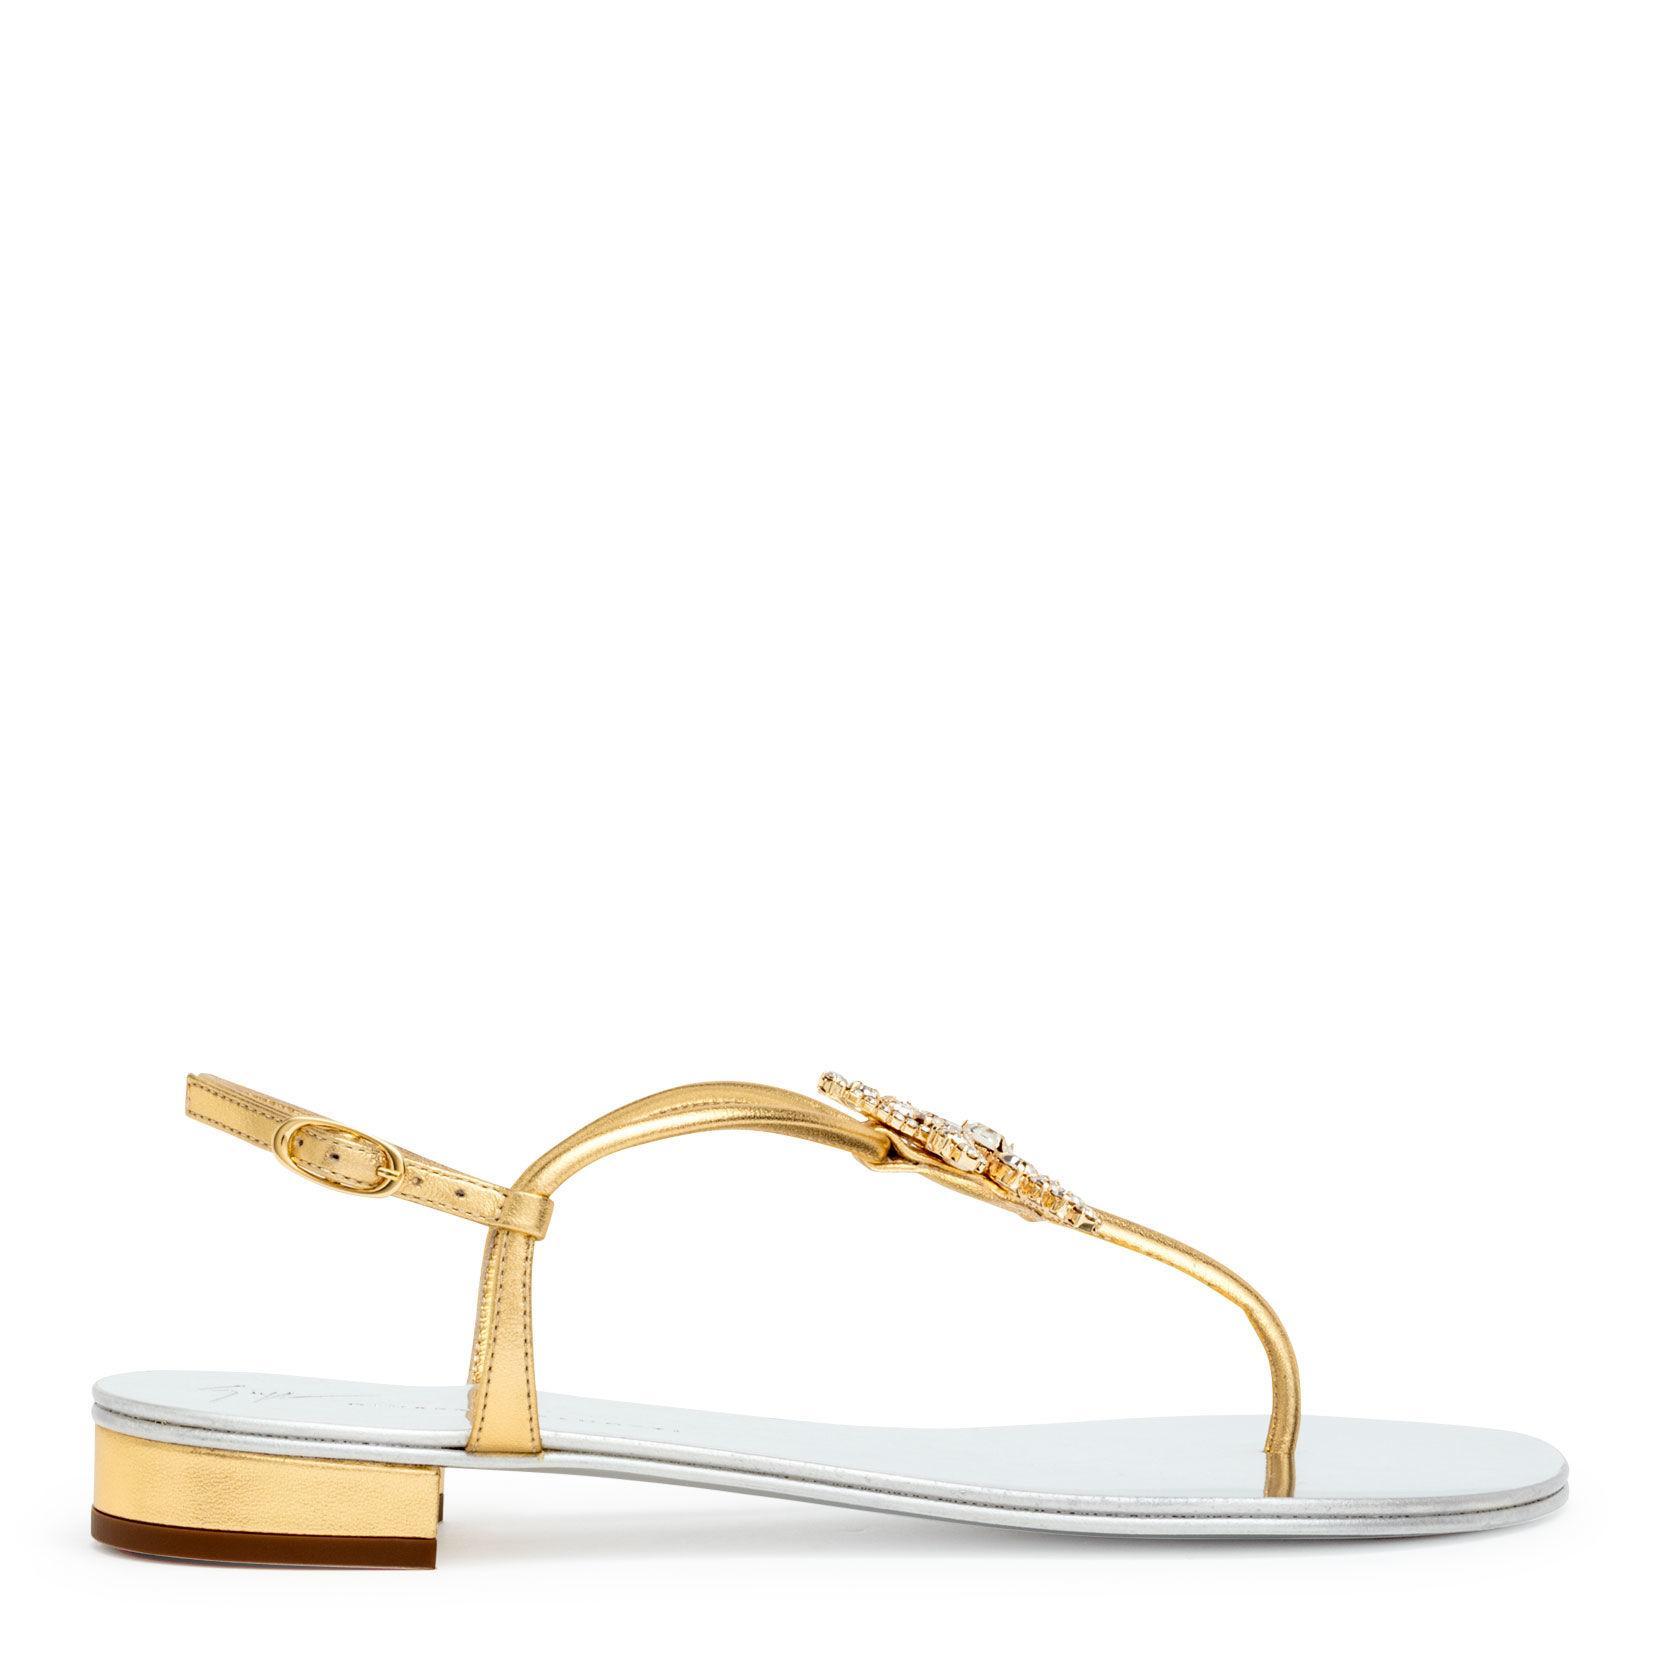 93eeb55b91ff Giuseppe Zanotti - Metallic Starfish Gold Nappa Flat Sandals - Lyst. View  fullscreen